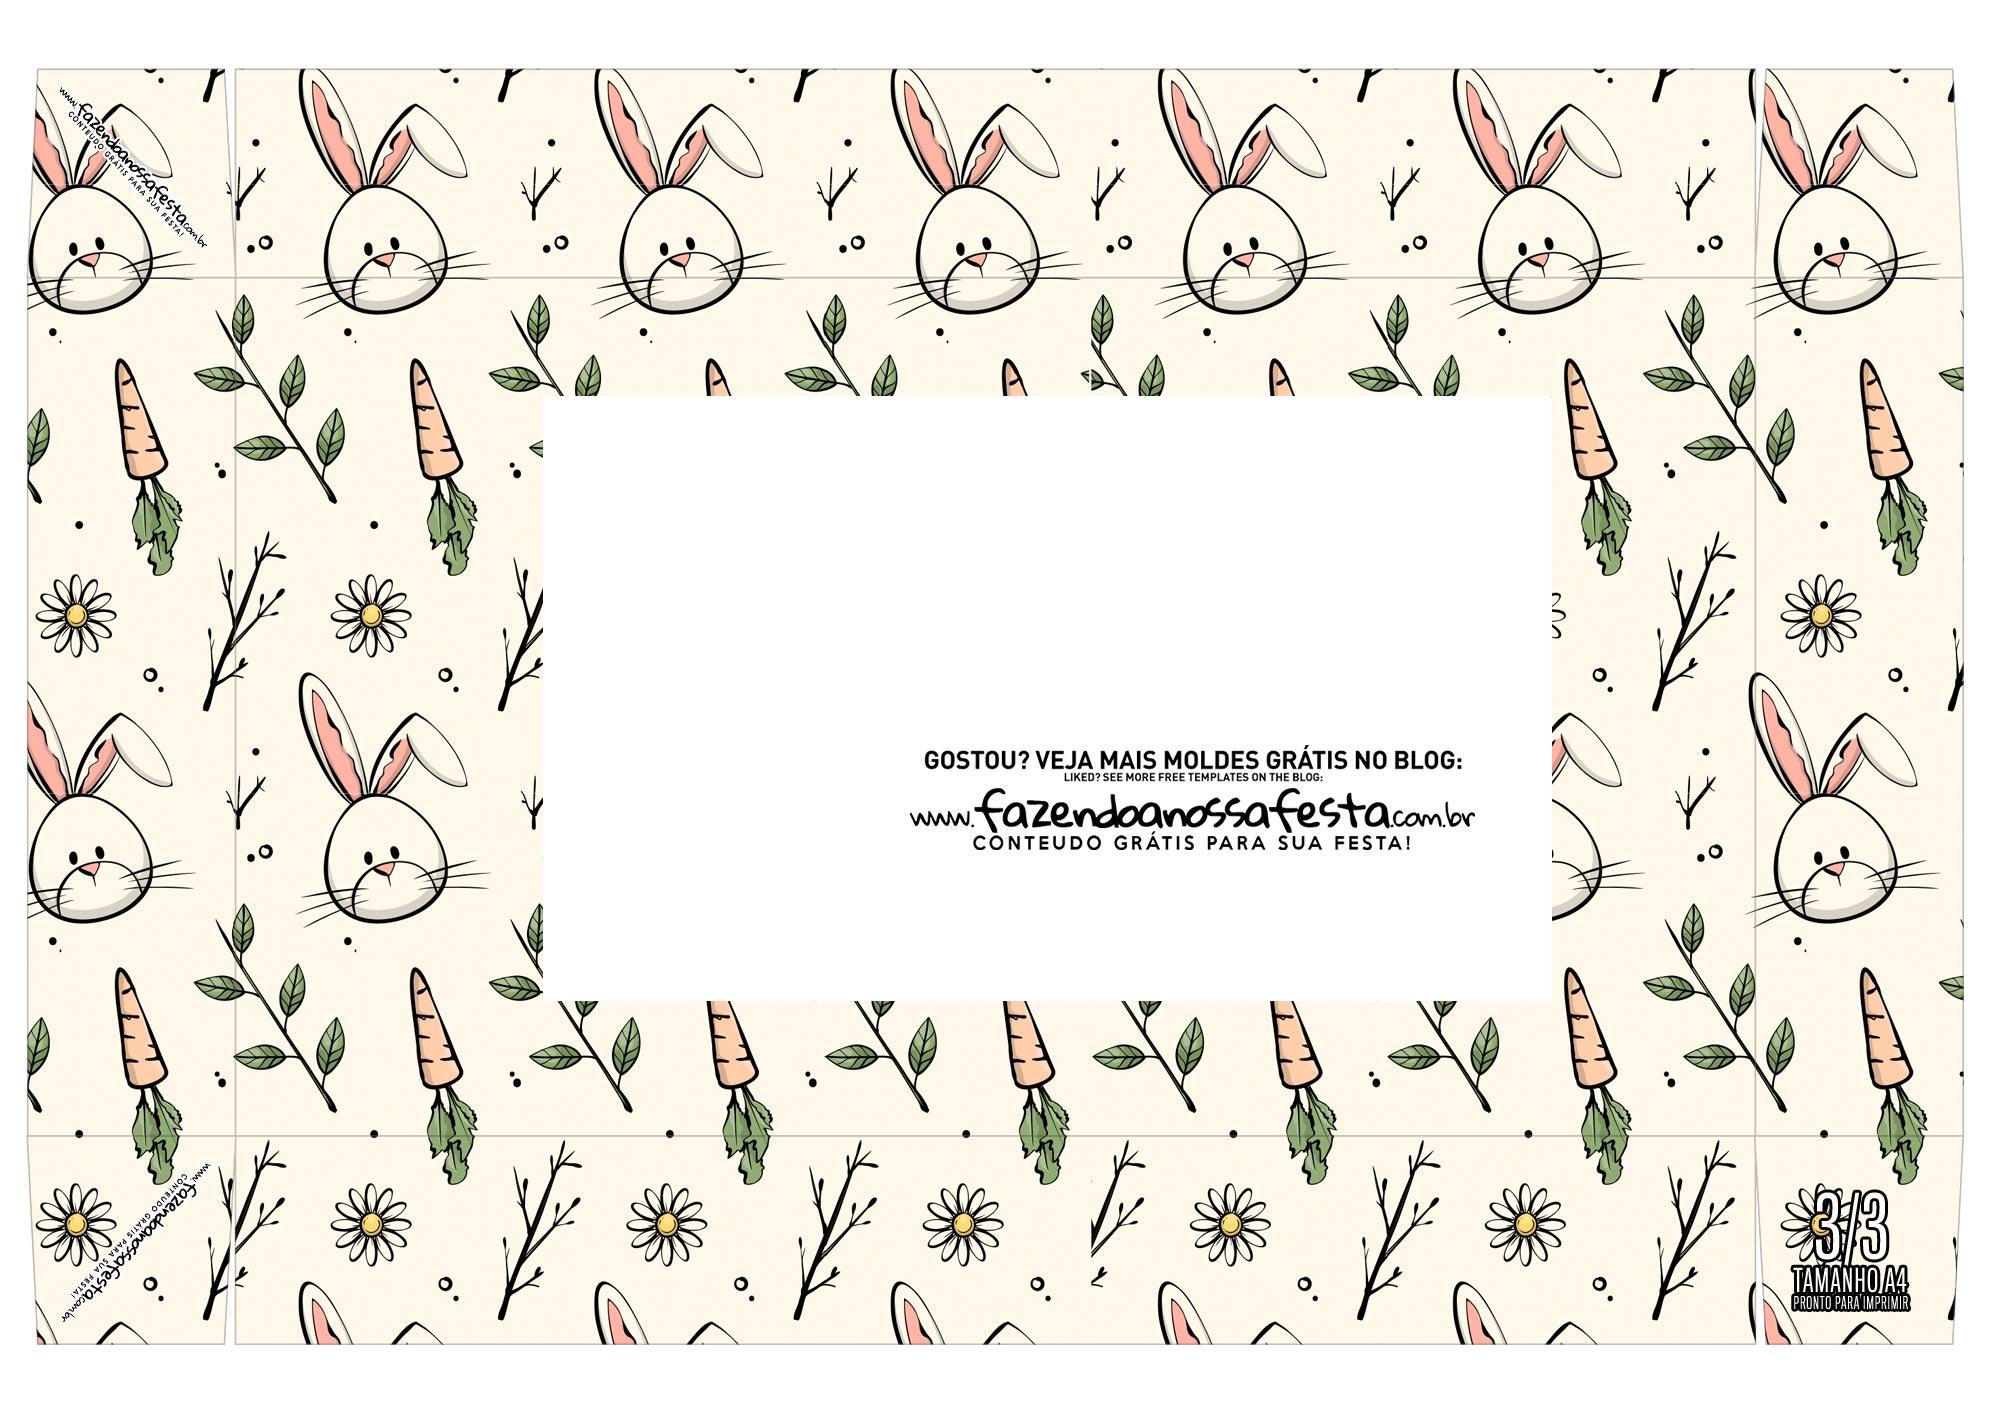 Caixa mini confeiteiro coelho fofo cima